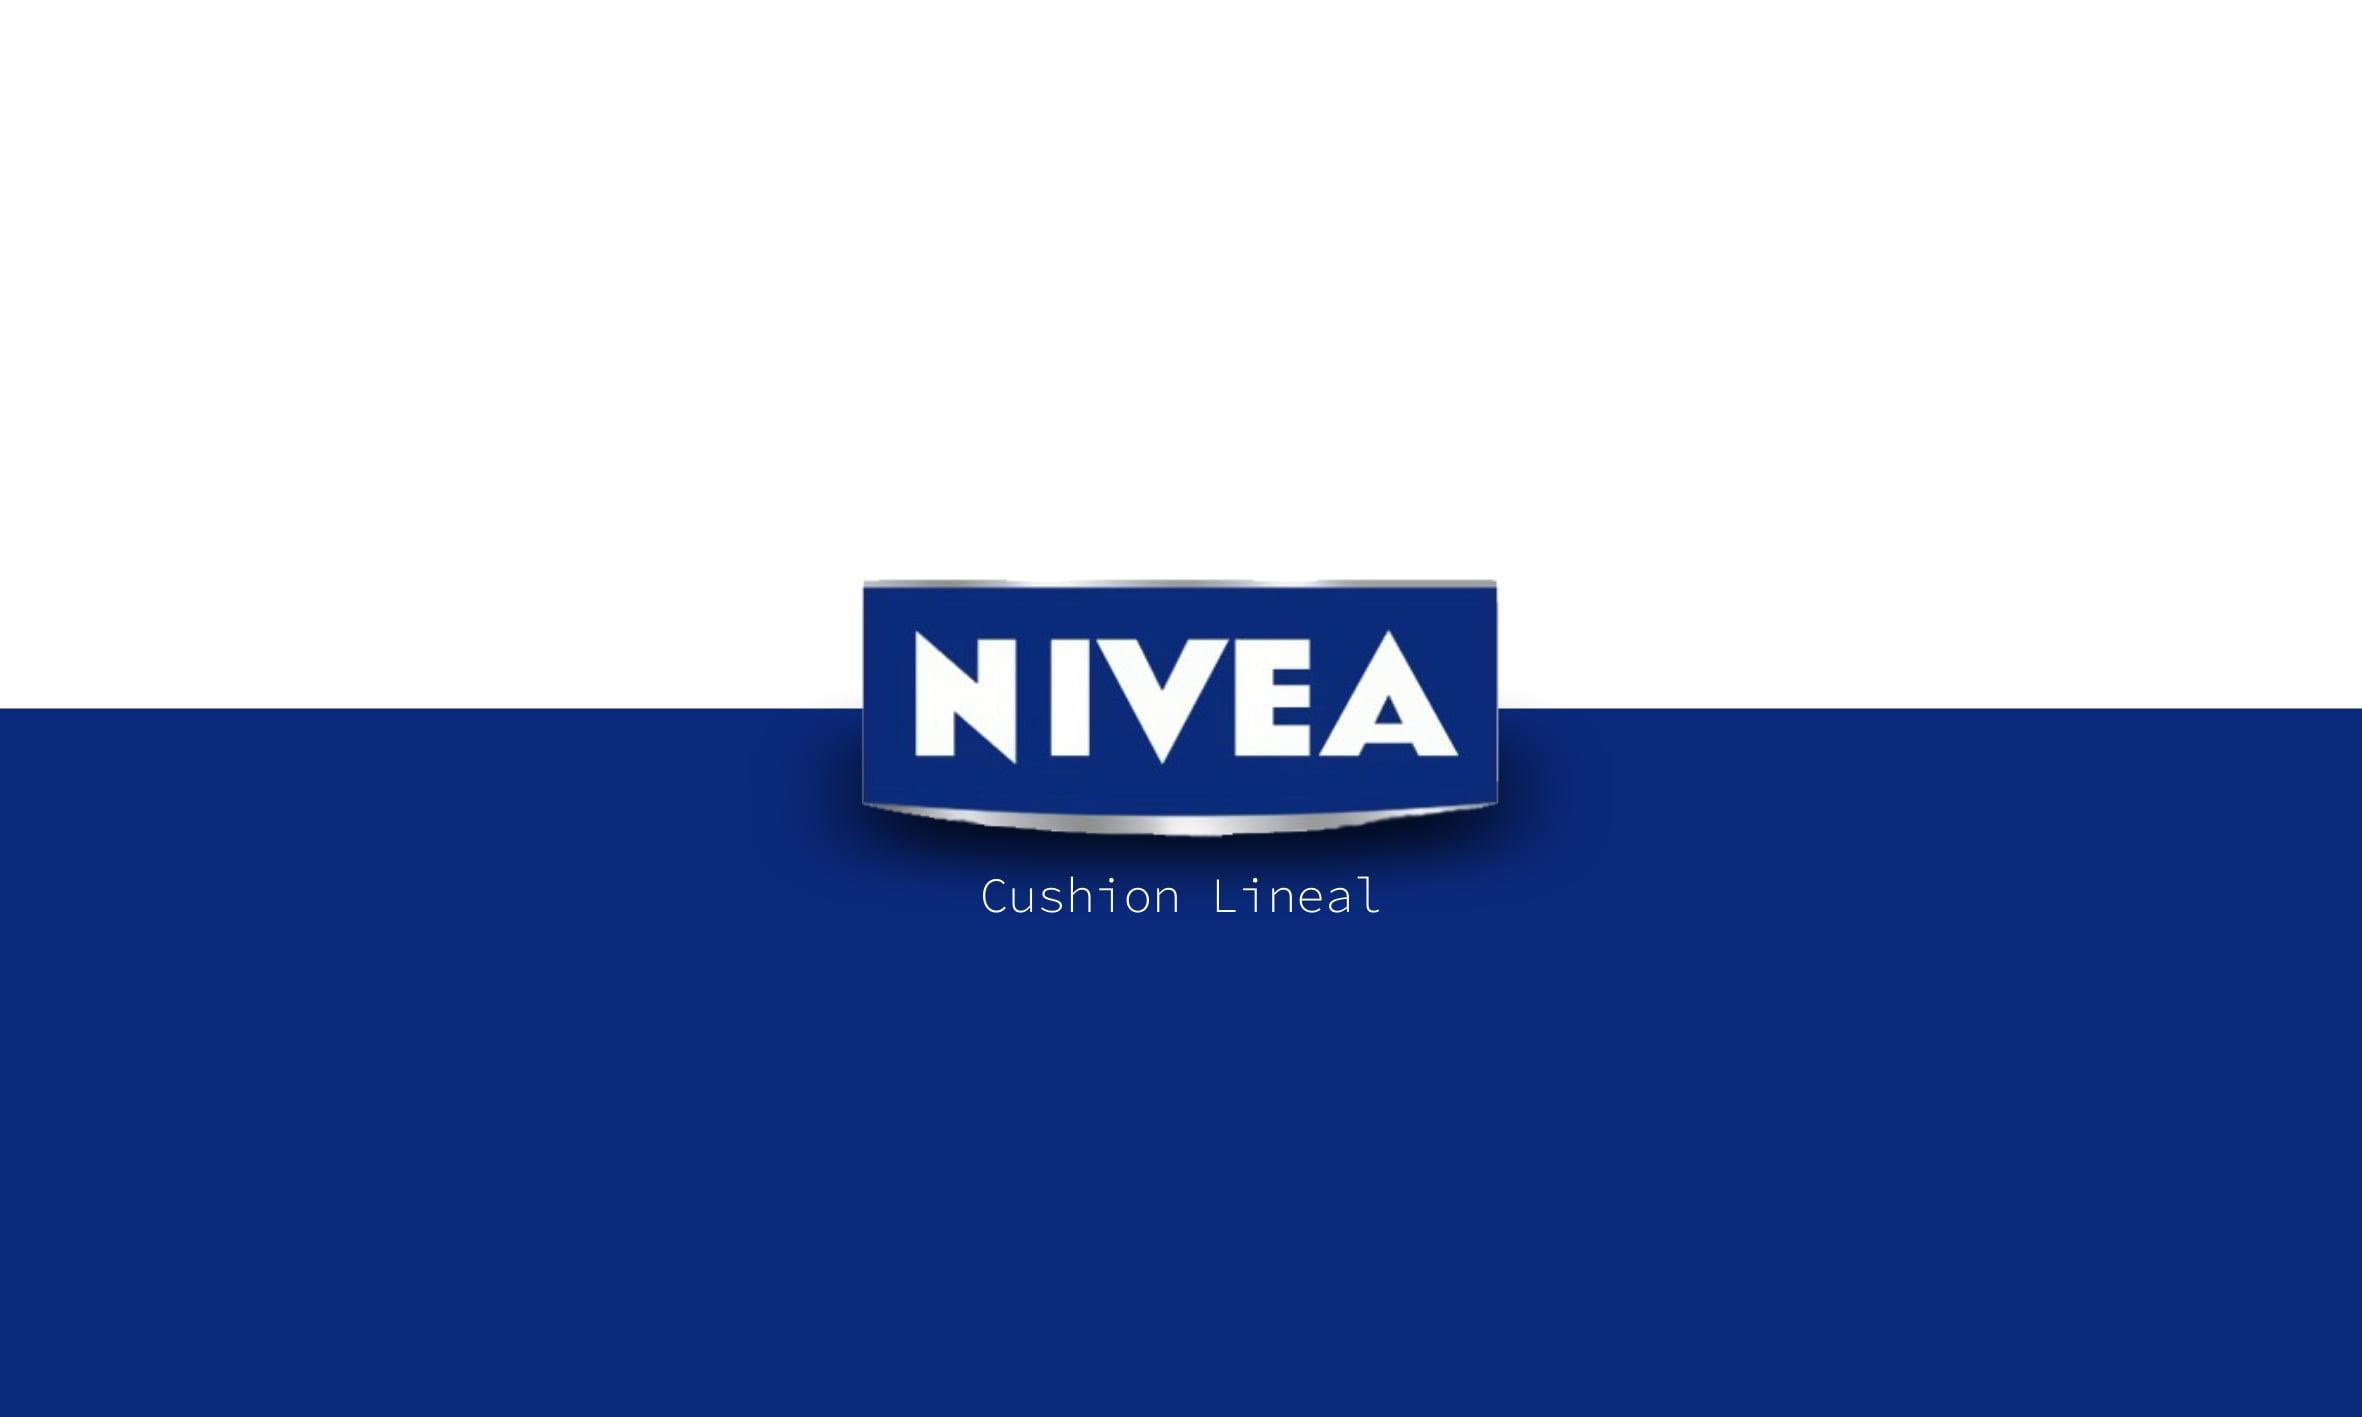 behance_nivea_1